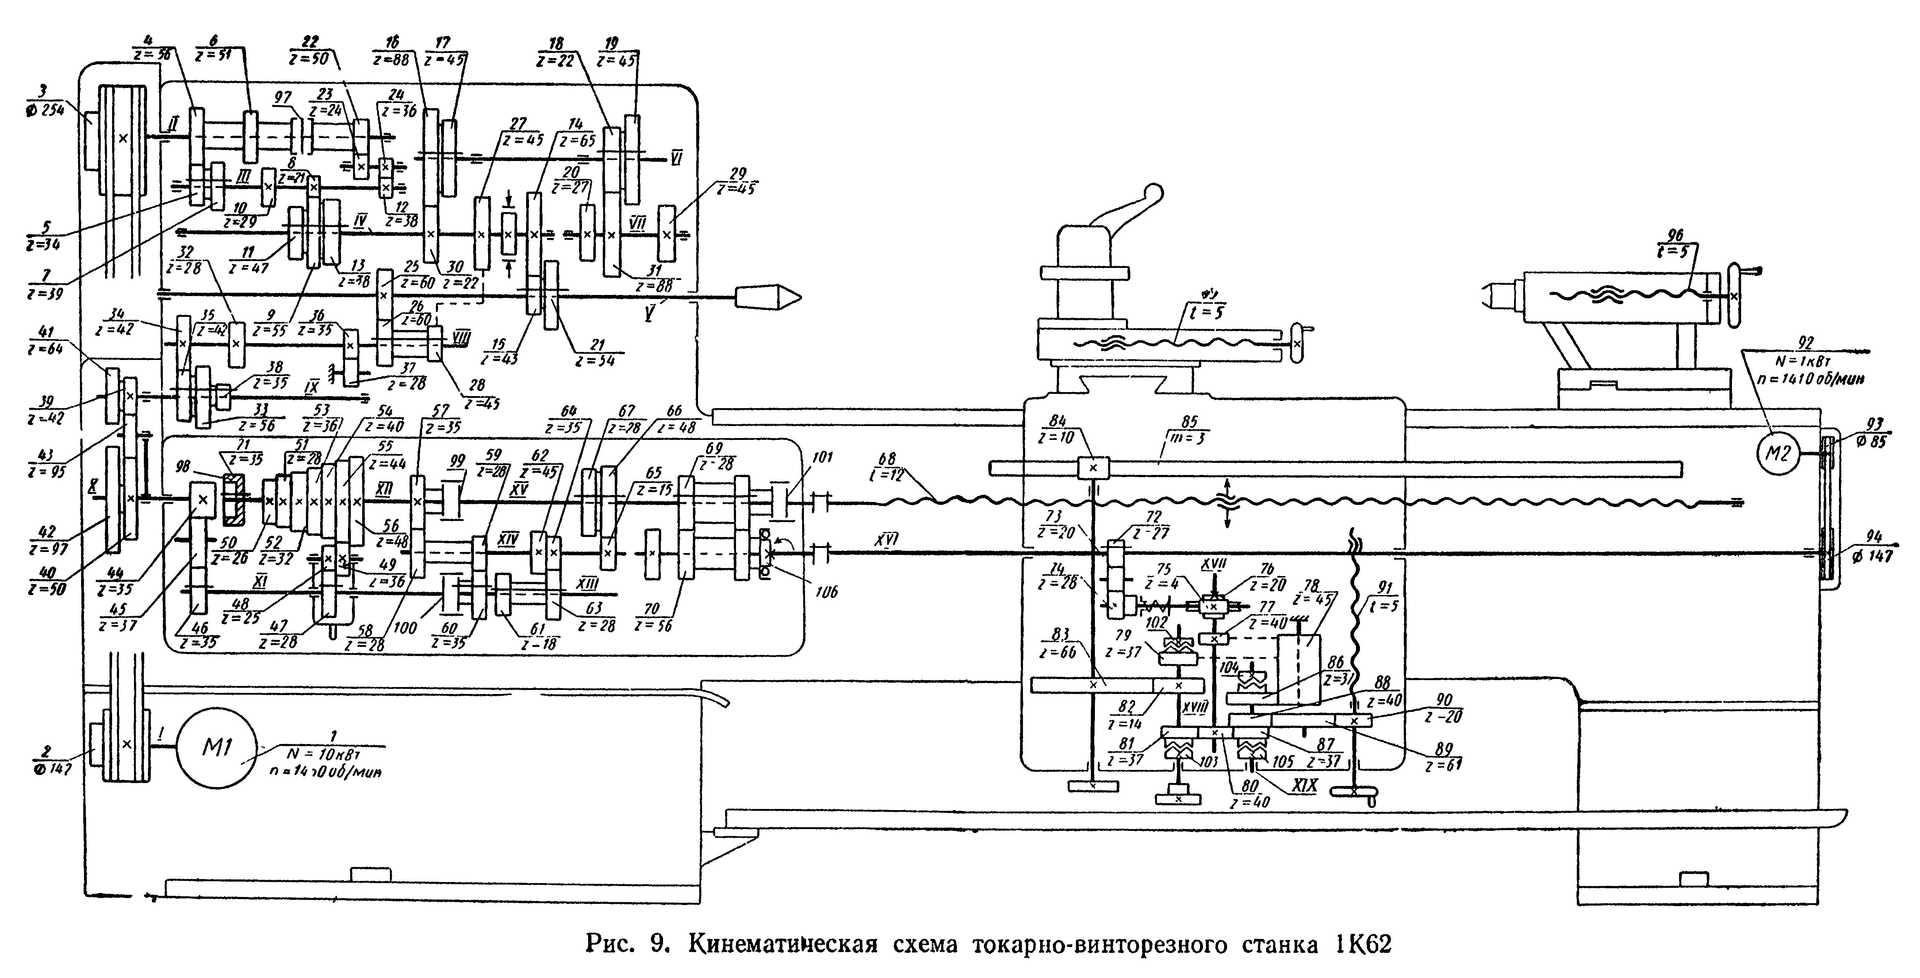 Кинематика станка 1К62